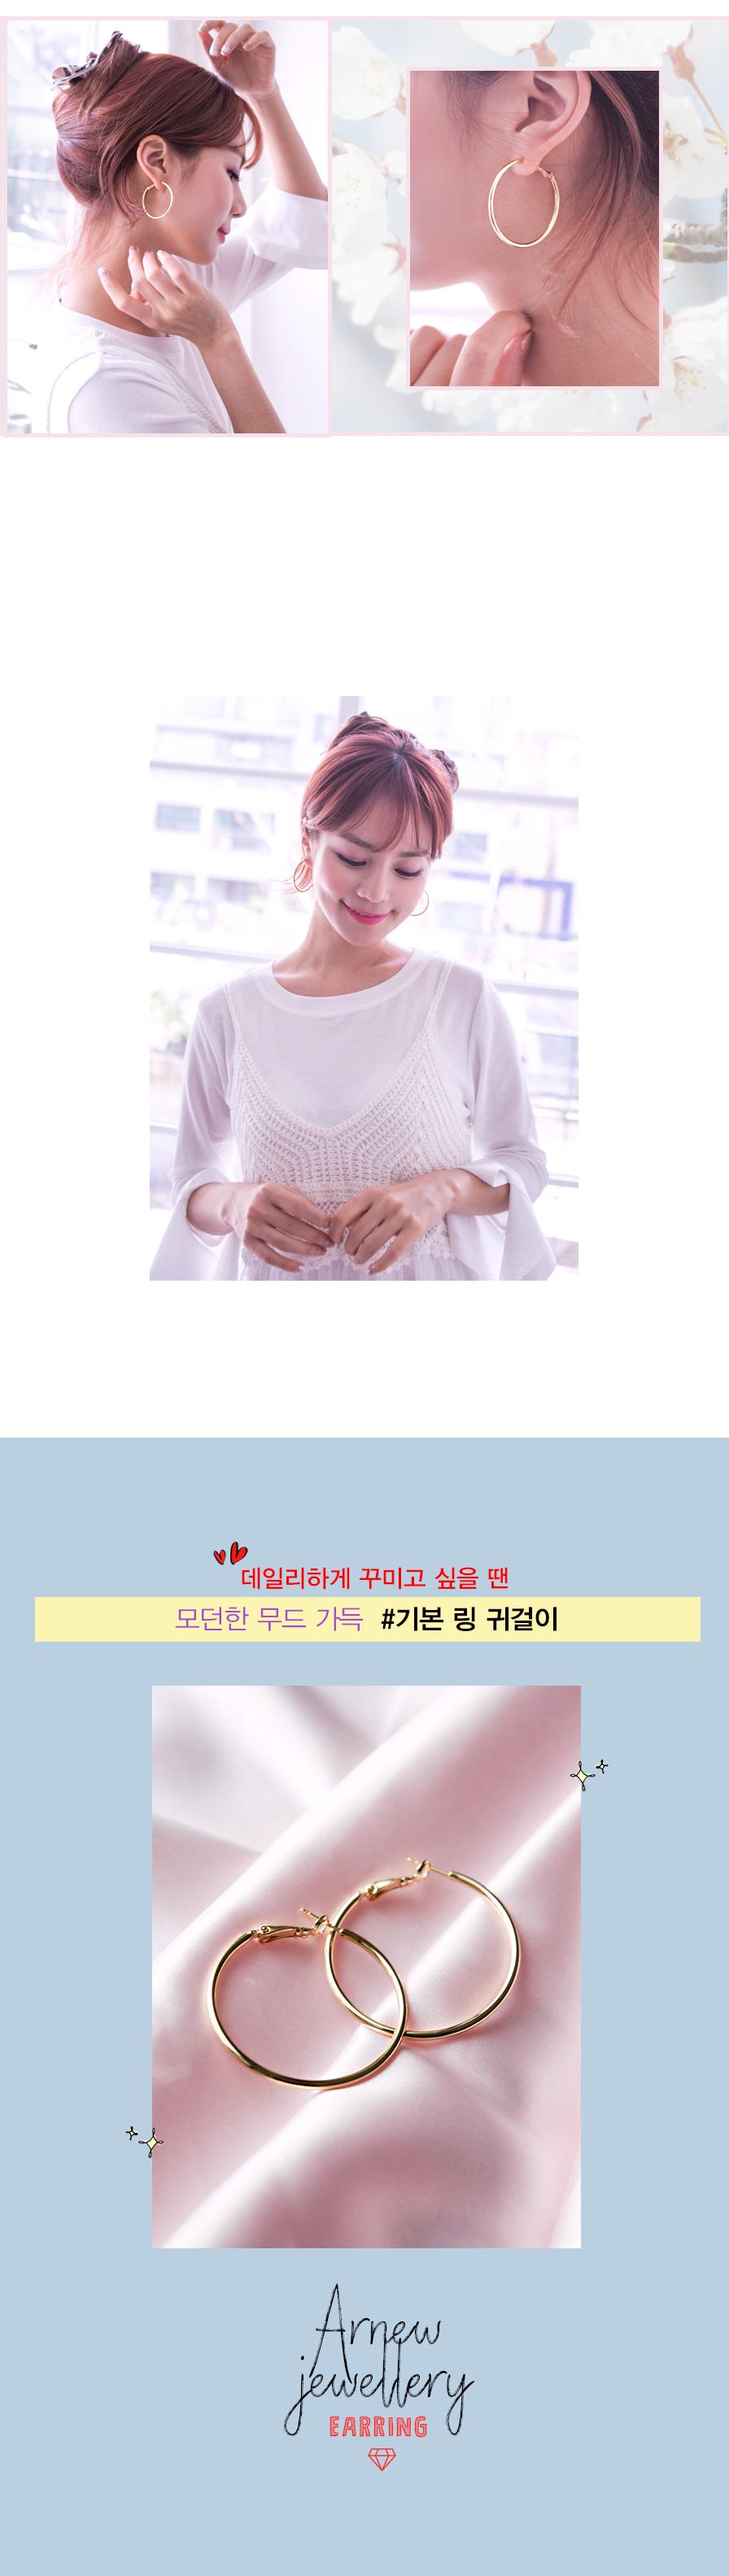 기본 링 귀걸이 - 아르뉴, 5,900원, 골드, 링귀걸이